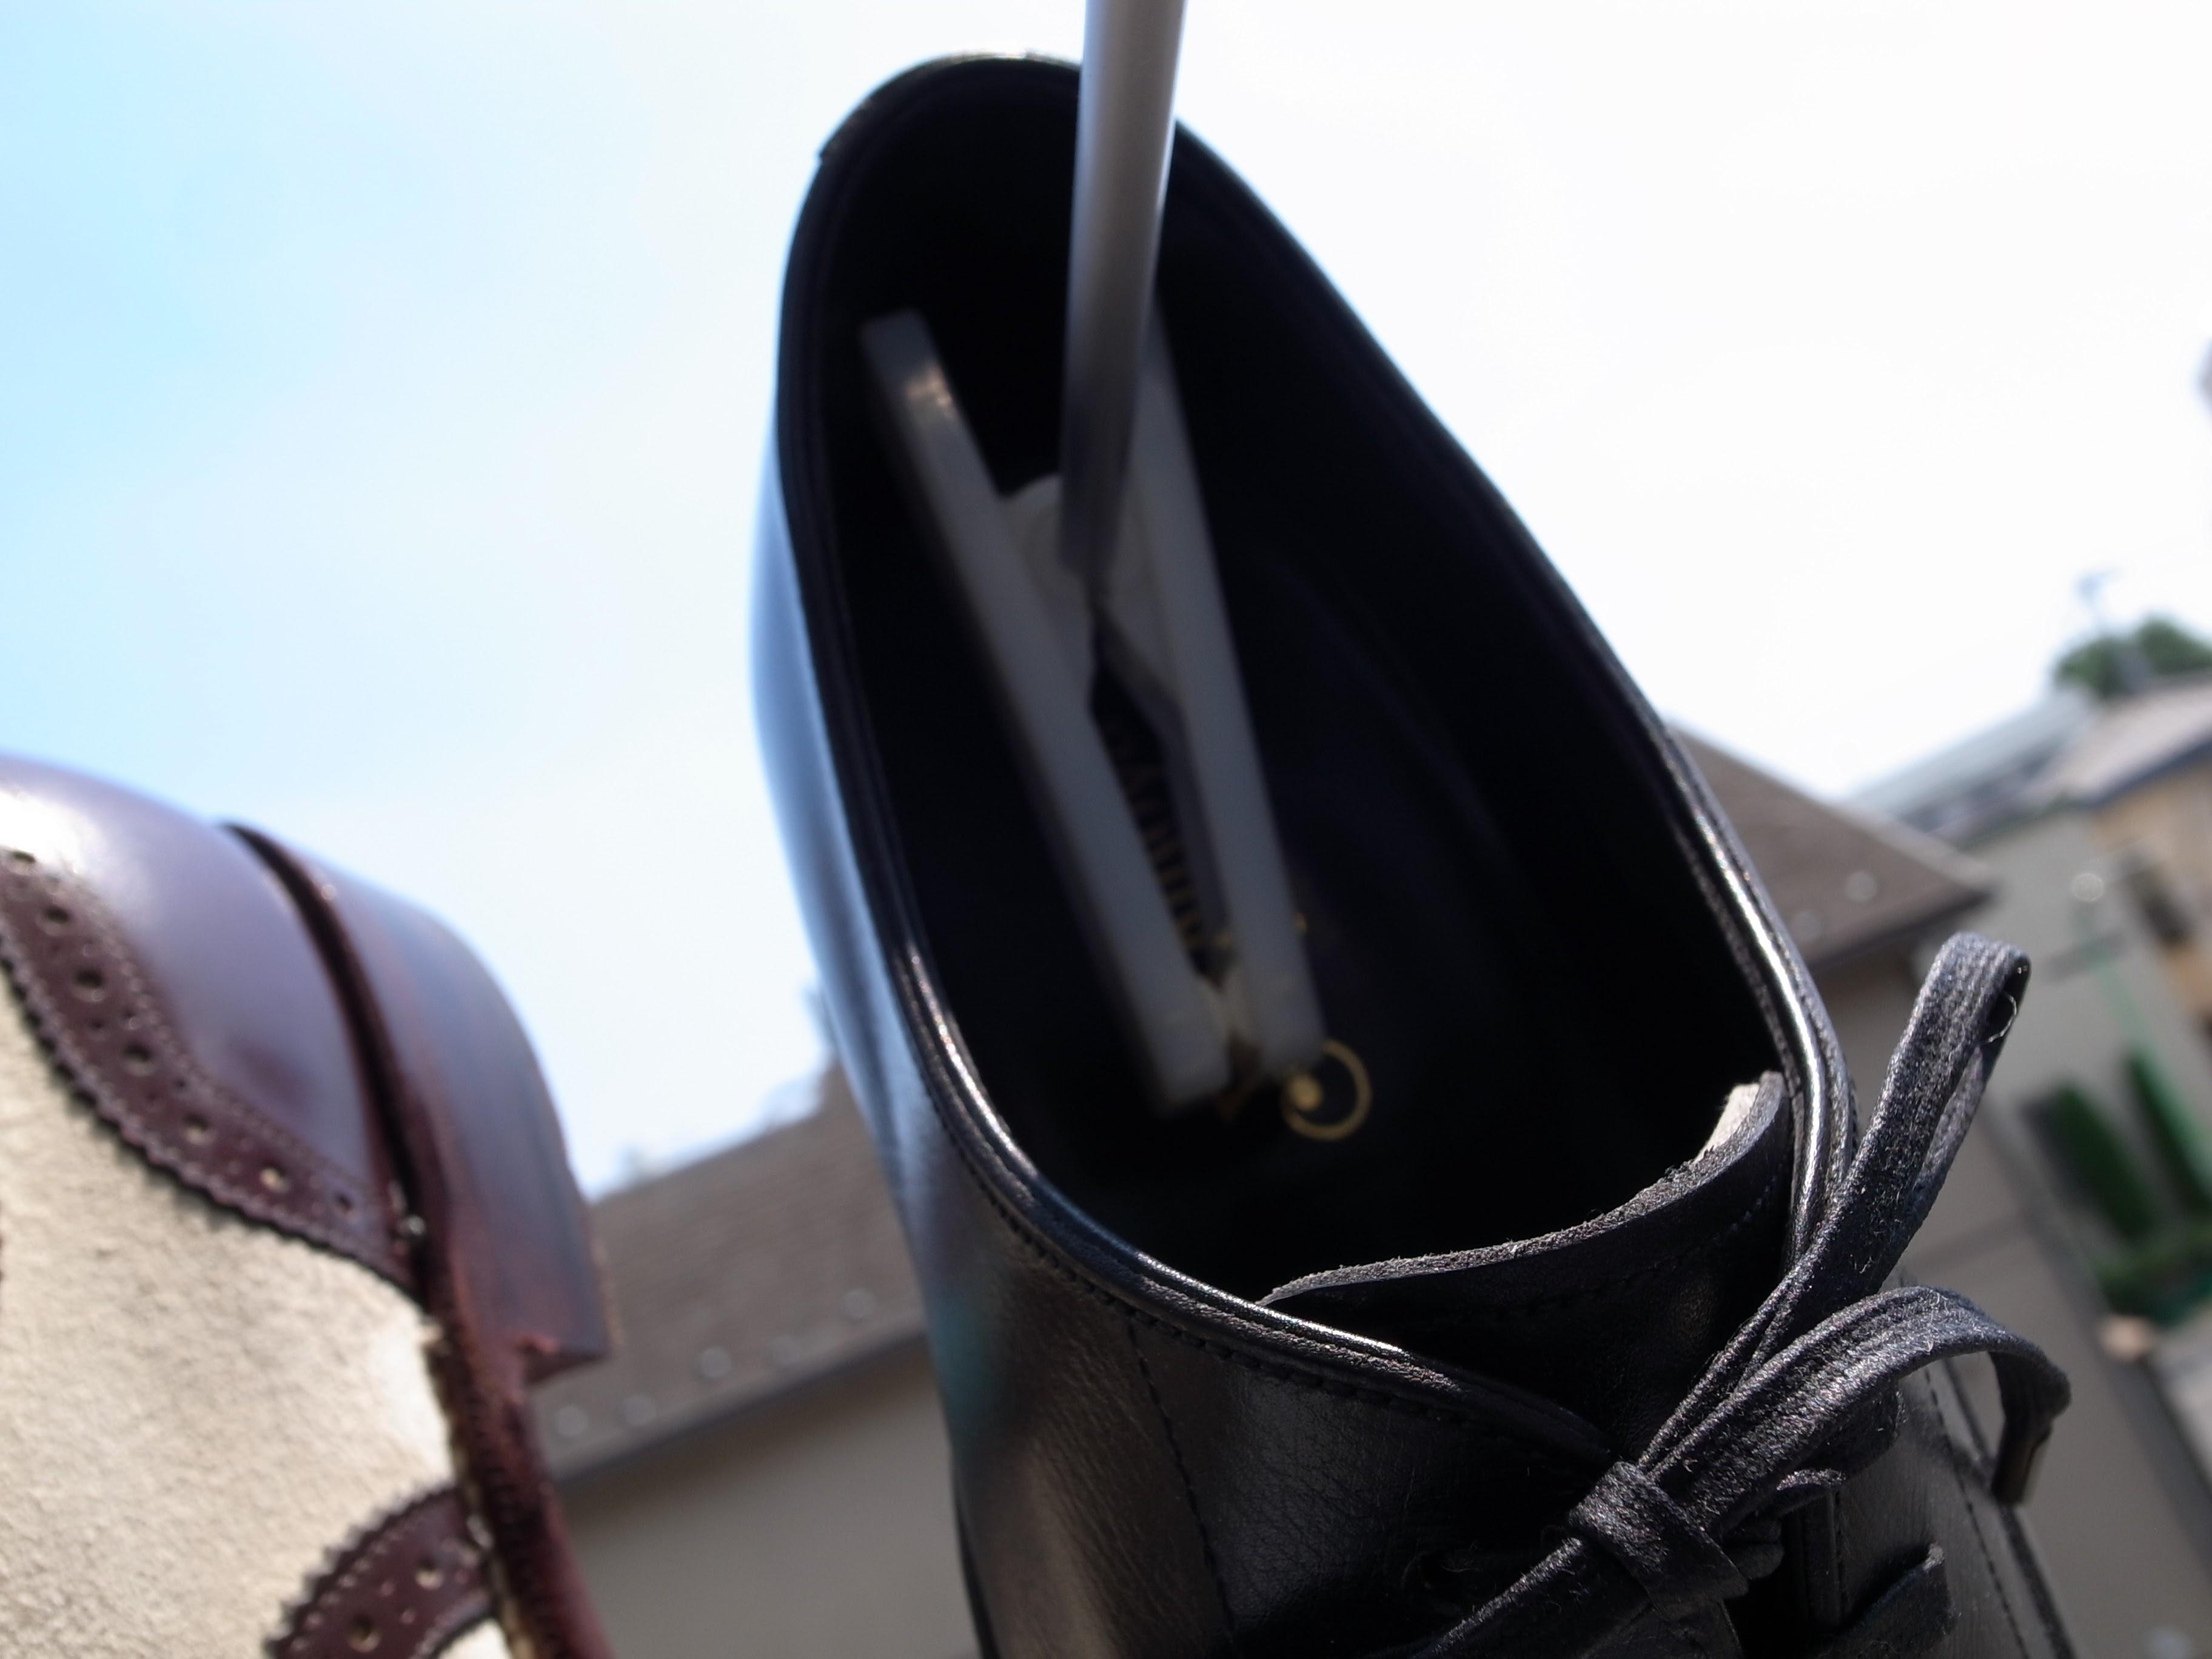 [0890-201507] 梅雨の合間の晴れた日に私がする革靴の簡単なケア。天日干しはカビ予防にもオススメです。